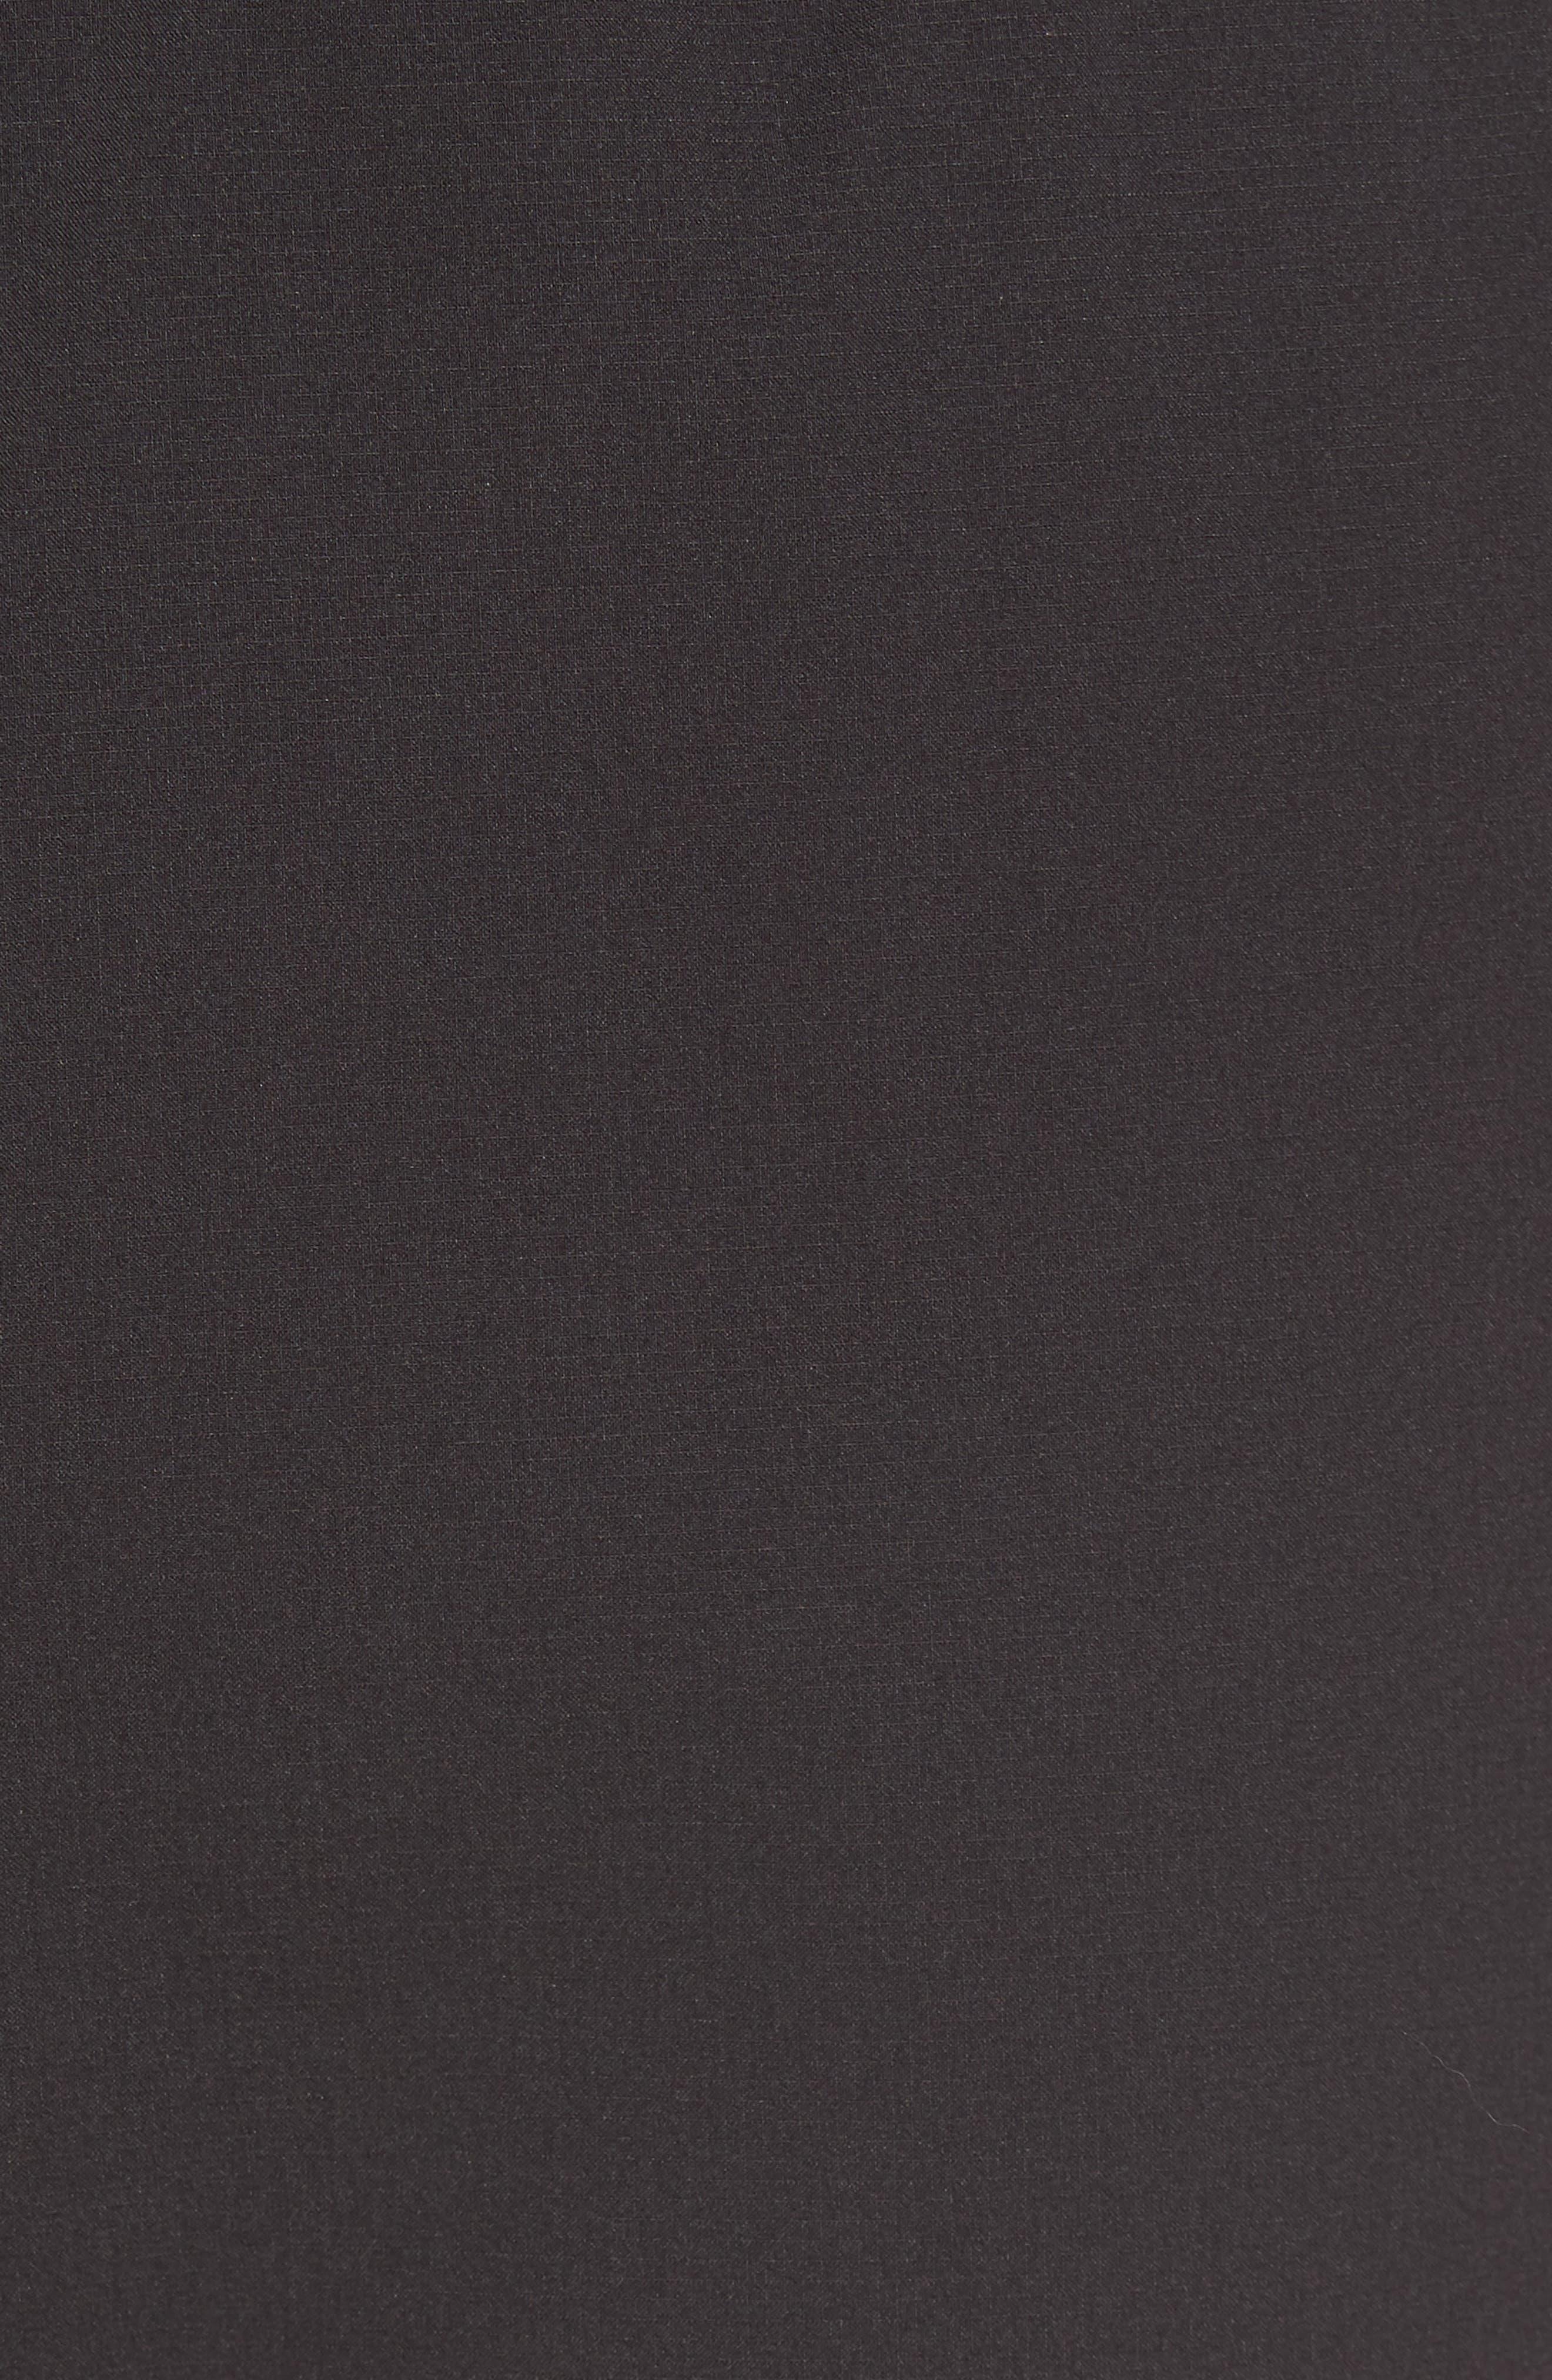 Terrebonne Jogger Pants,                             Alternate thumbnail 5, color,                             001